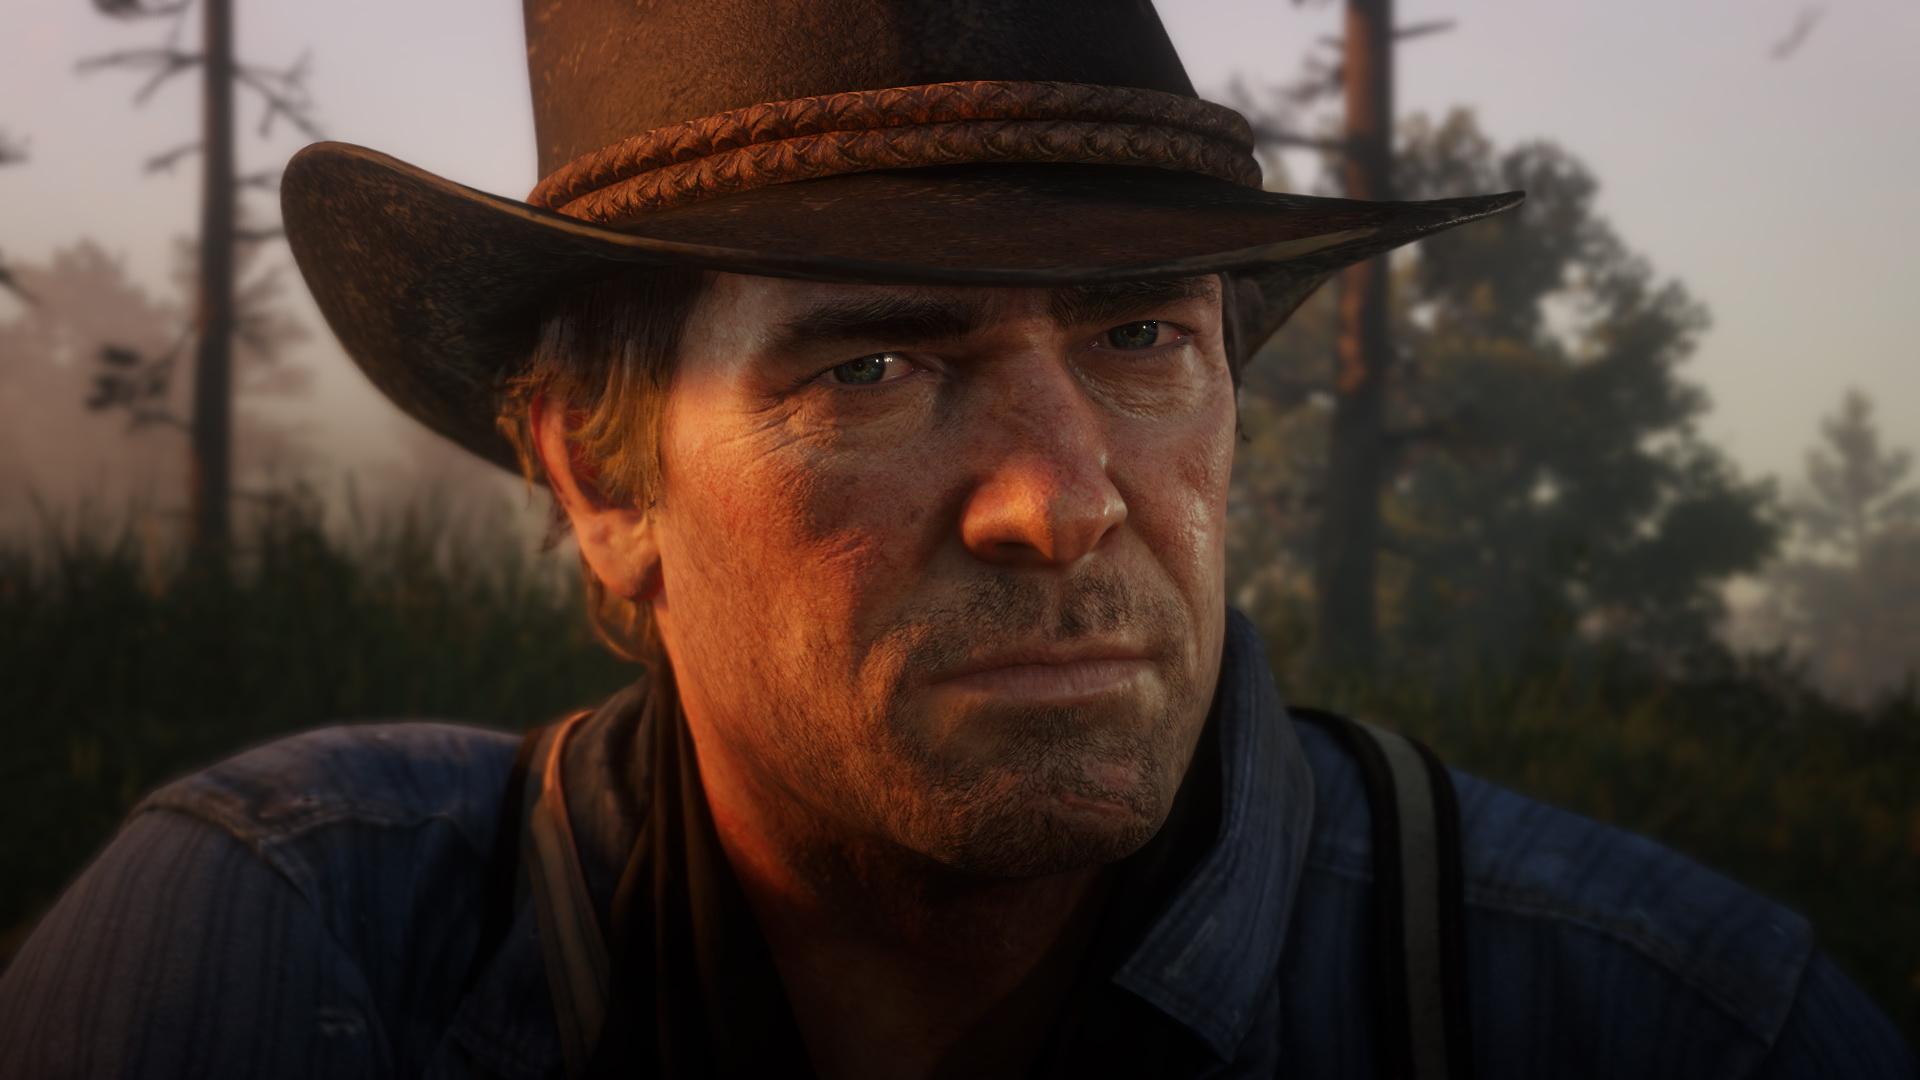 Игрок медицинским способом вычислил, сколько месяцев длится история в Red Dead Redemption 2